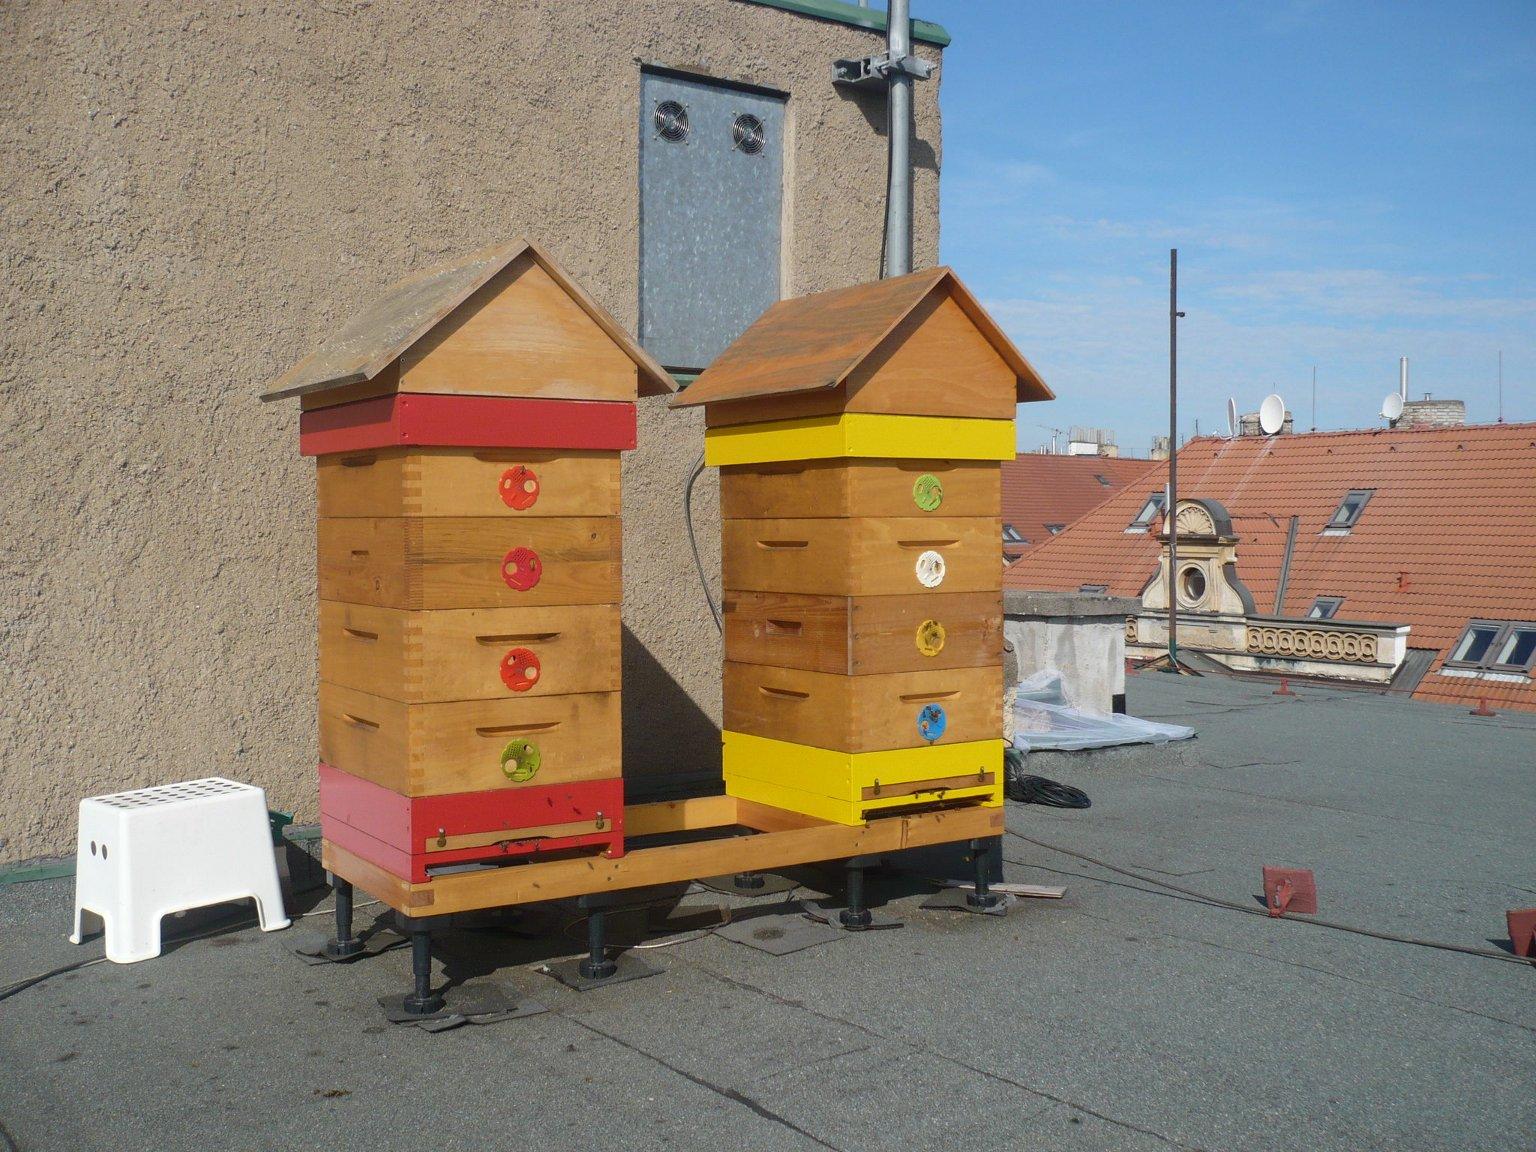 Pražské střechy hostí včely - činžovní dům Holešovice